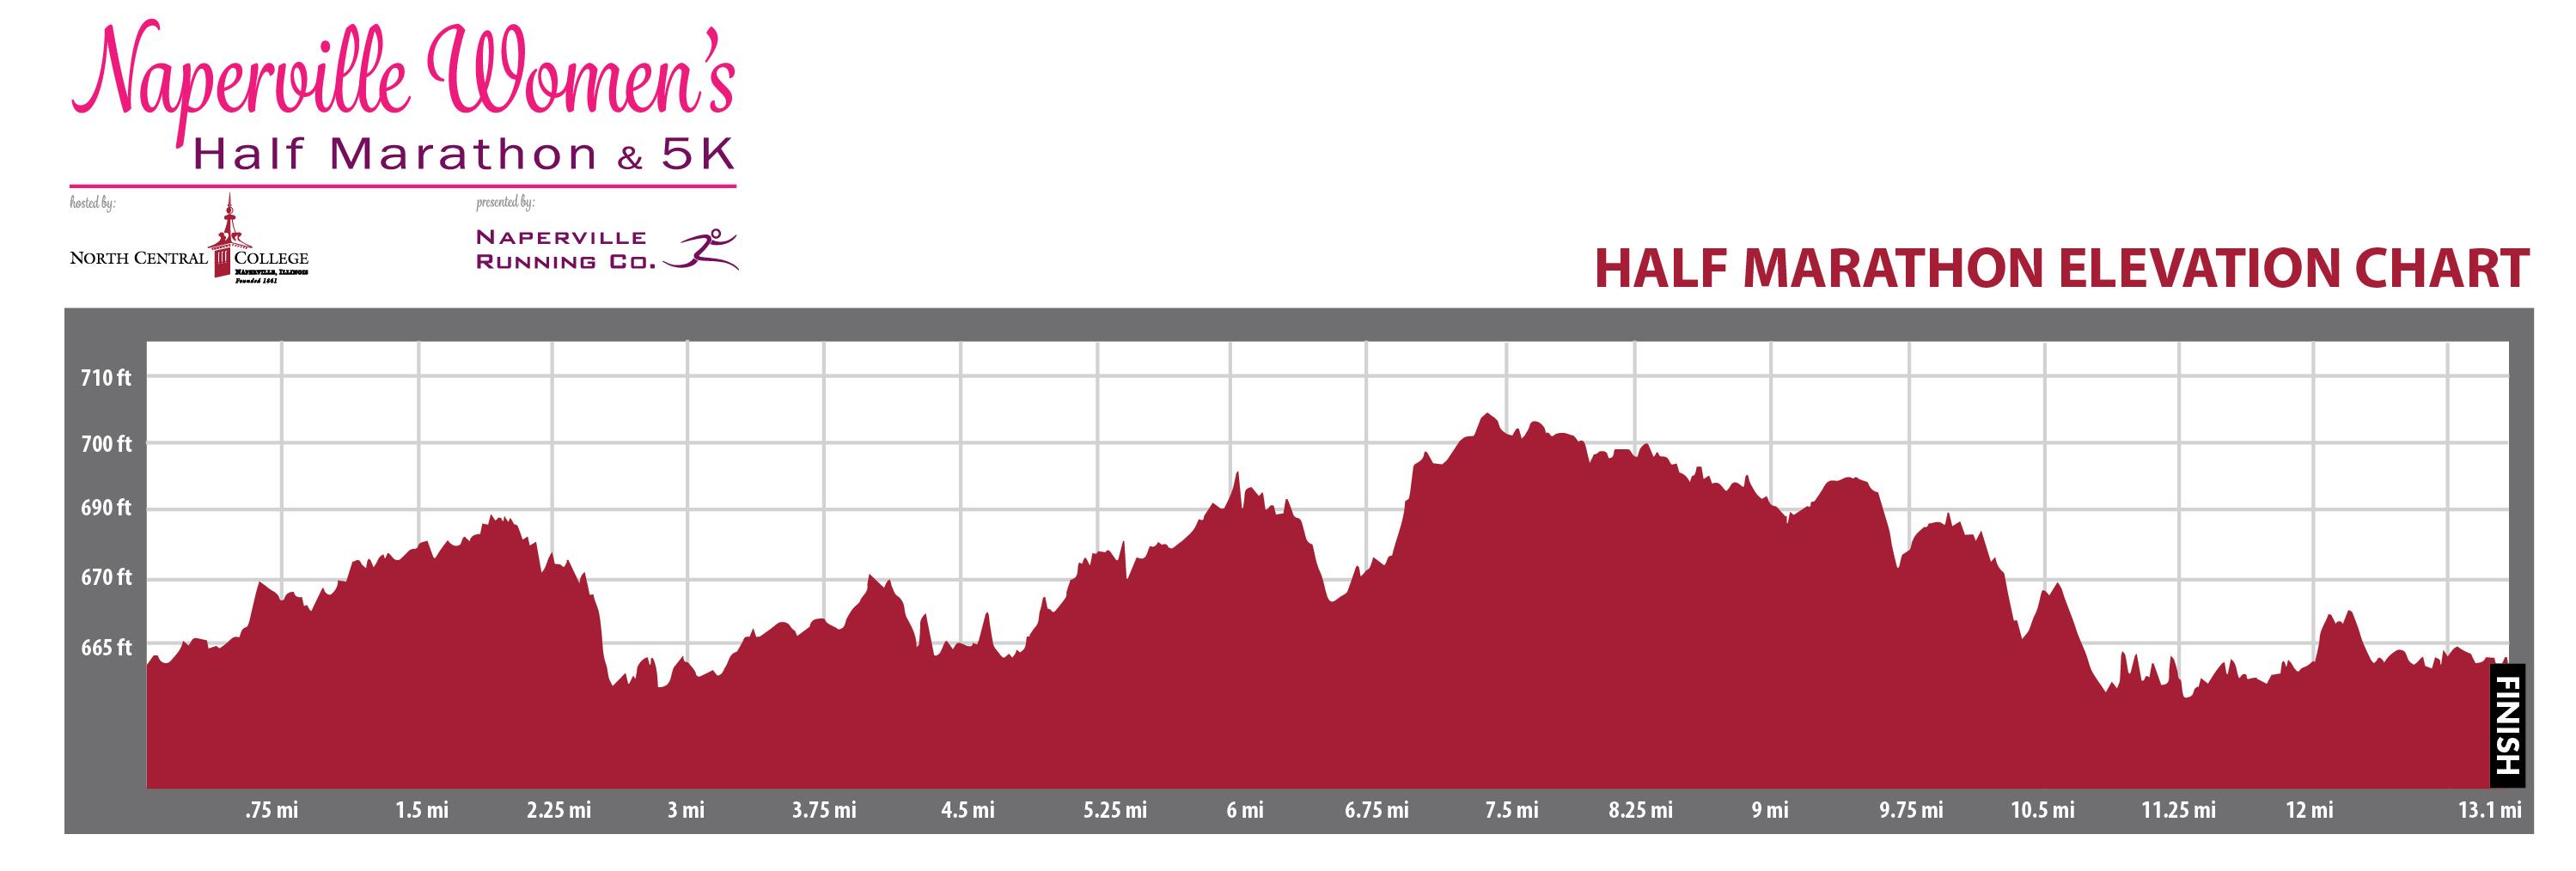 Naperville Womens Half Marathon & 5K